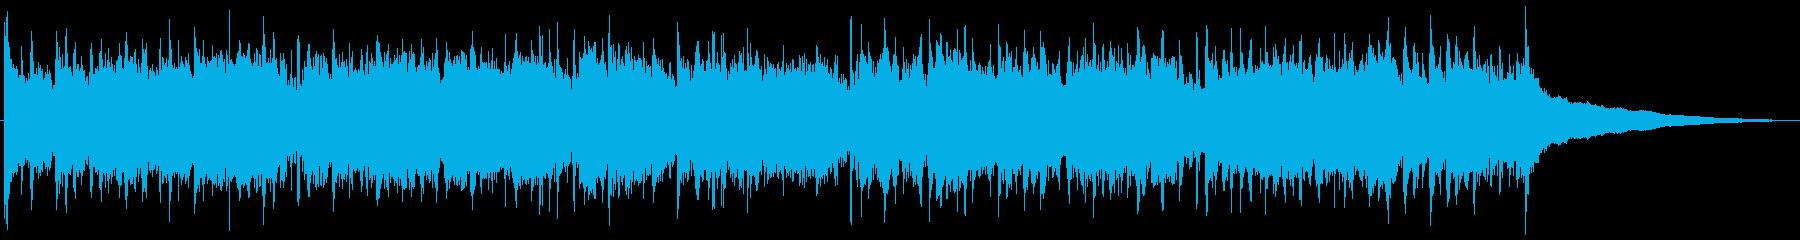 CM・哀愁感漂うかっこいいフラメンコの再生済みの波形